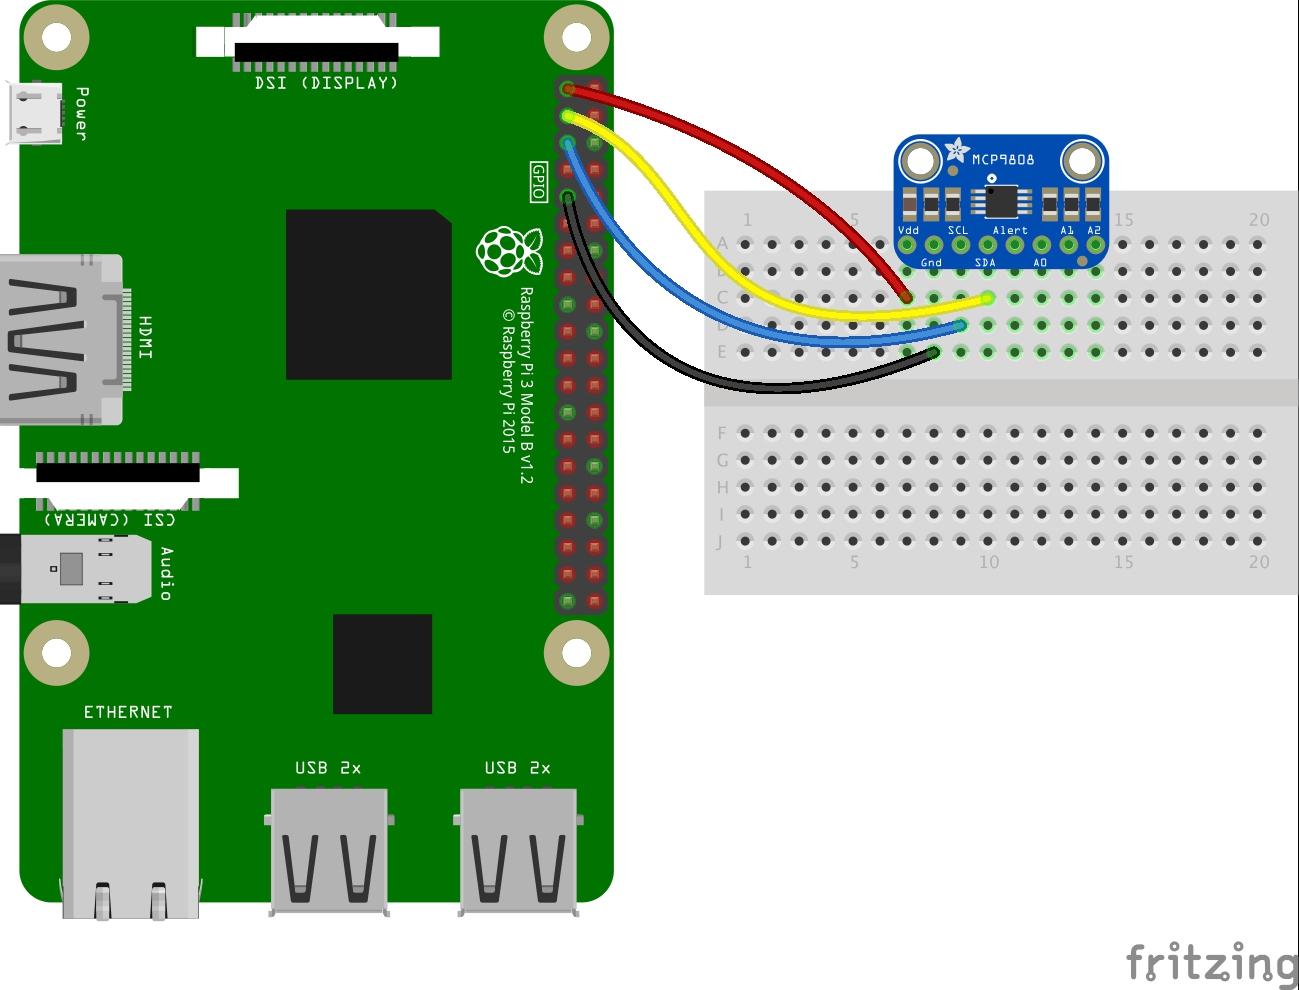 adafruit_products_MCP9808_RasPi_original_wiring.jpg